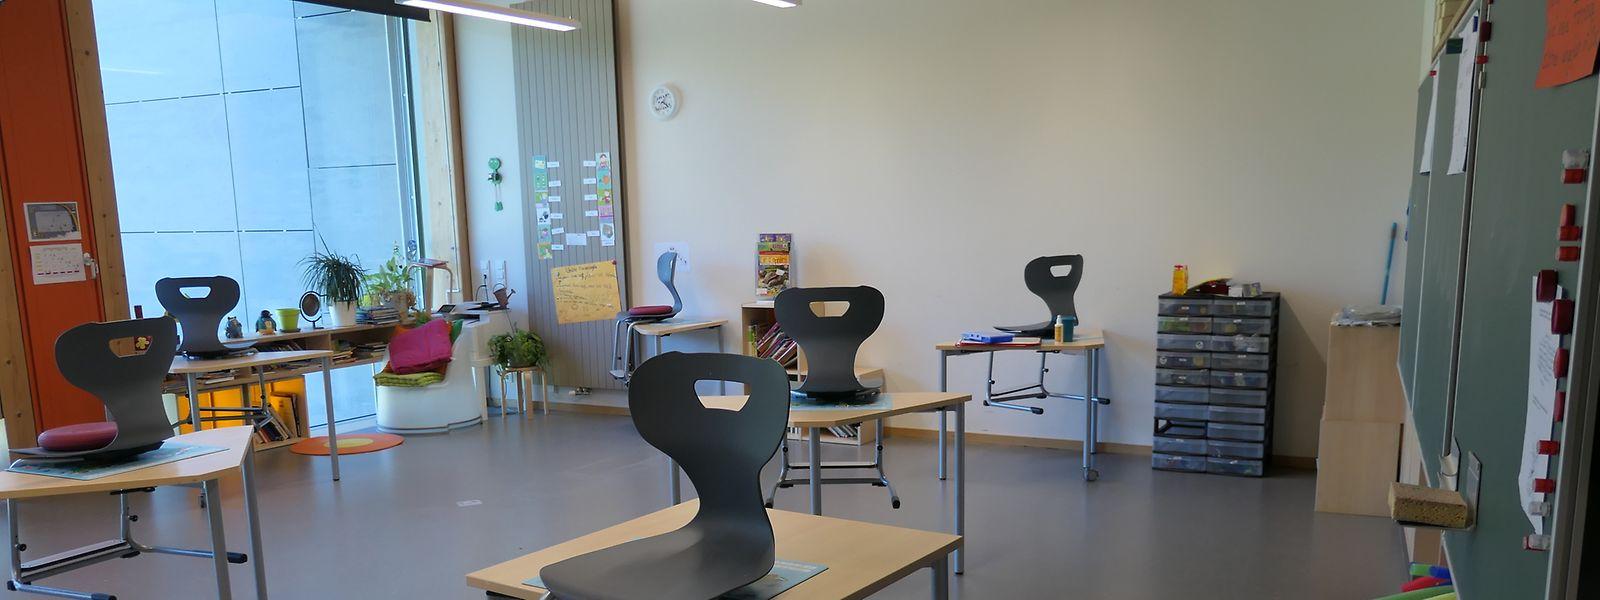 Bei einem Mindestabstand von zwei Metern zwischen den Schulbänken wirkt auch ein voll besetzter Klassensaal seltsam leer.